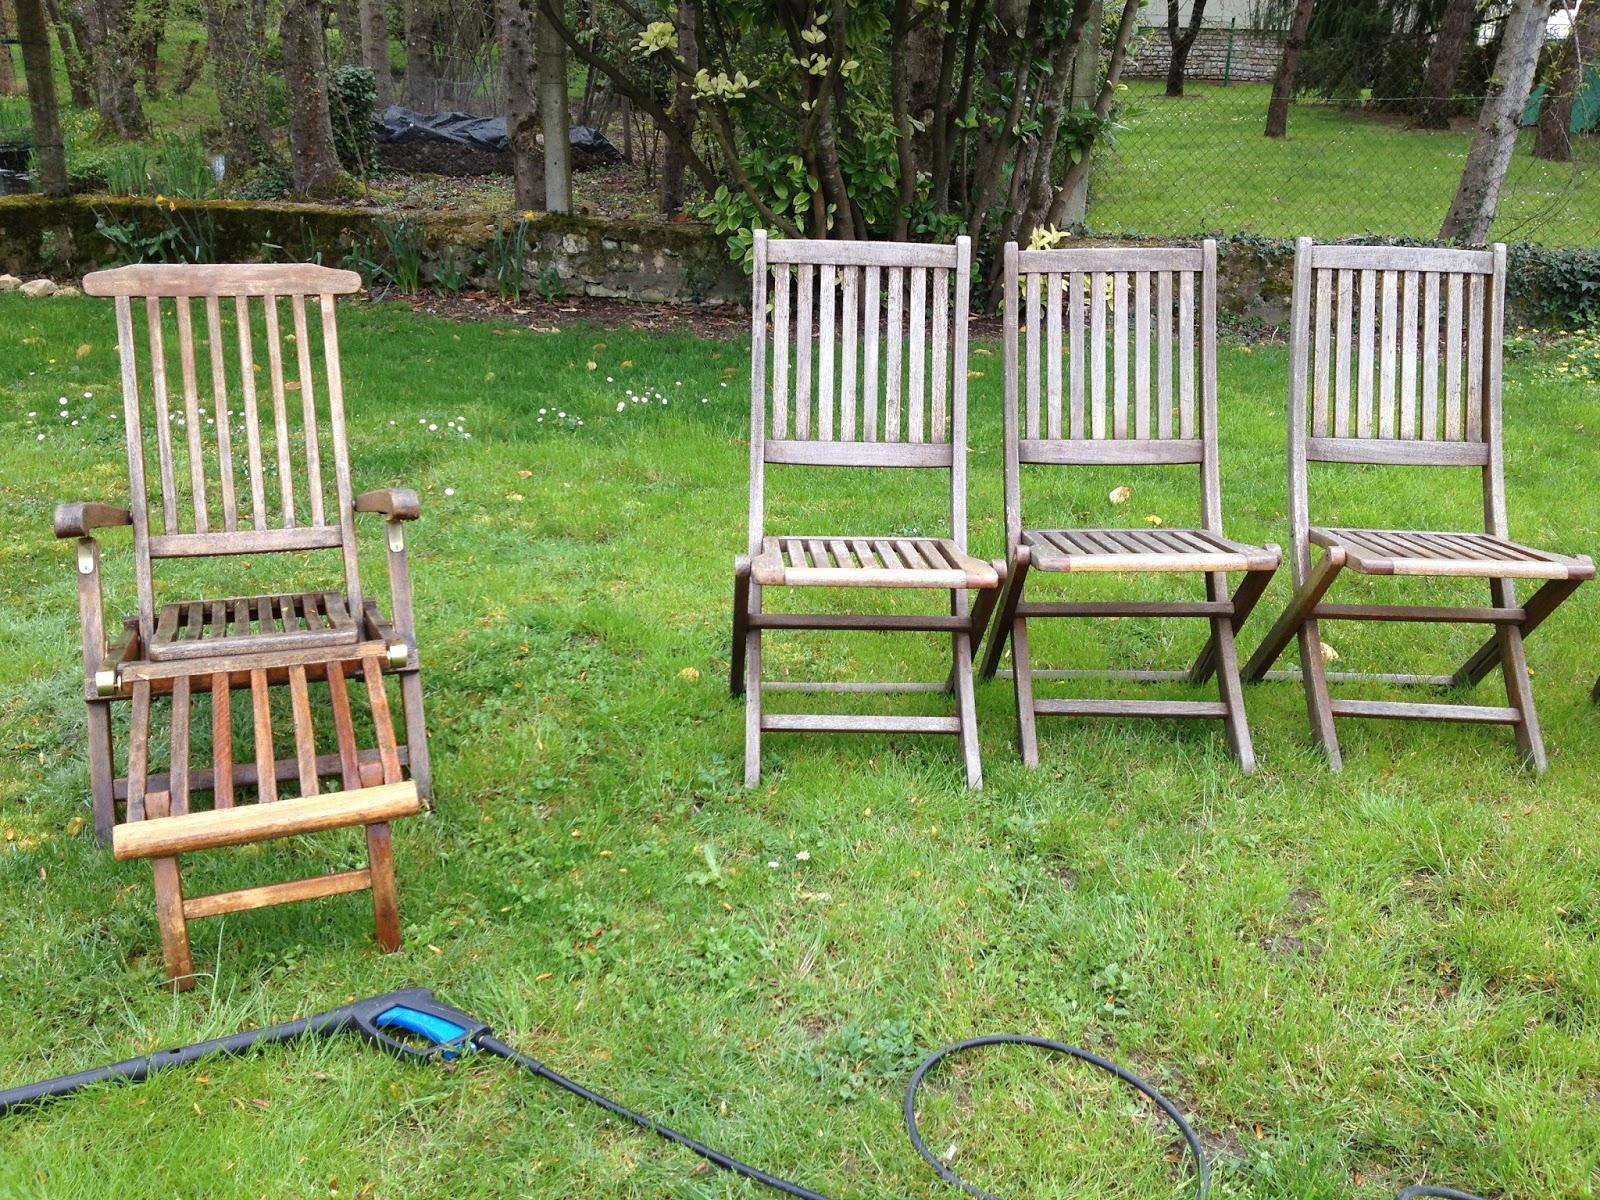 Rénovation de mobilier de jardin en eucalyptus   Mes rénovations de ...